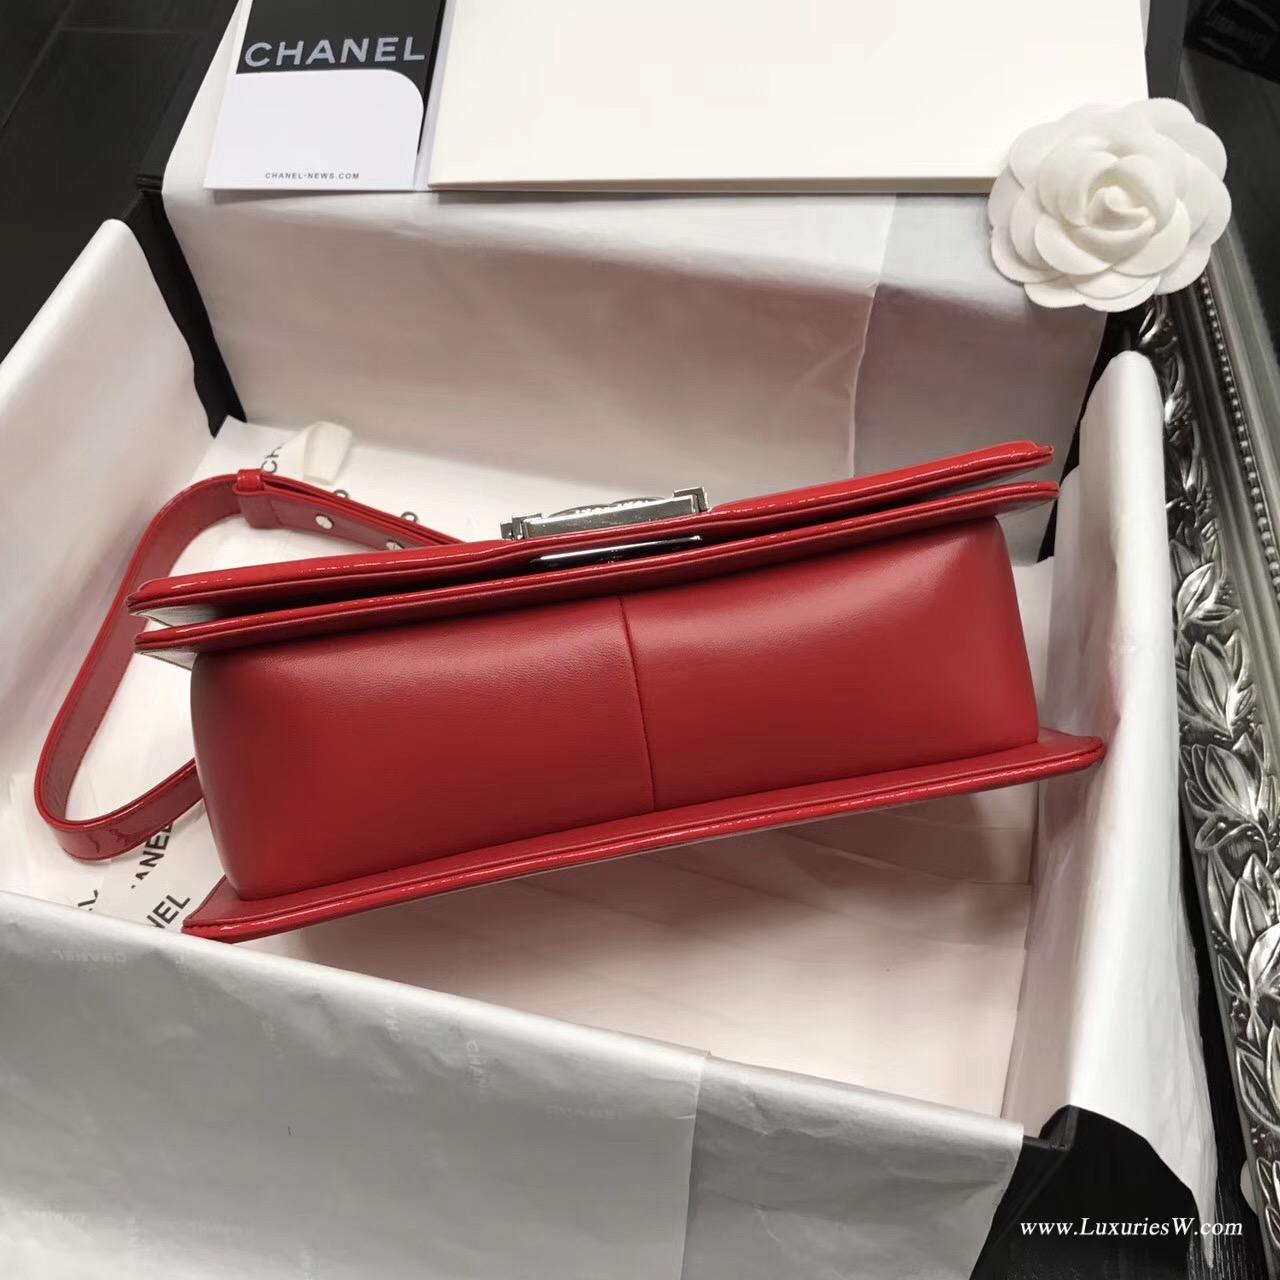 小香Le boy bag 25cm 漆皮紅色、進口漆牛皮配小羊皮單肩鏈條包